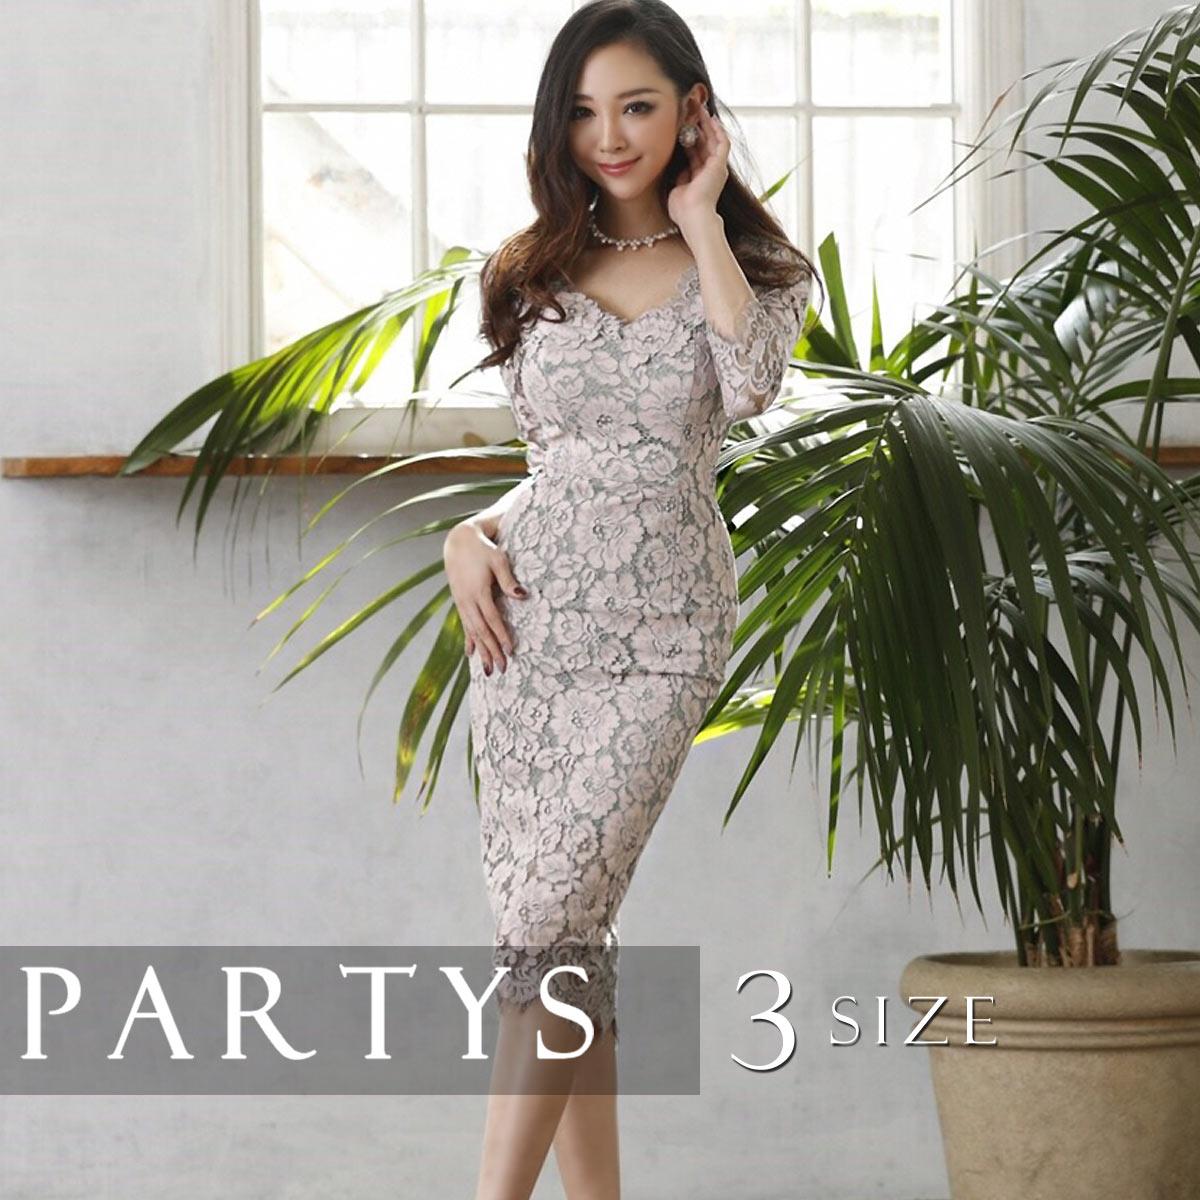 60e7c3b473fcd サイズ S M L ピンク グレー韓国 ファッション楽天ランキング1位  送料無料    あす楽    リンファーレ   レース タイト シンプル  ミディアムドレス ワンピース